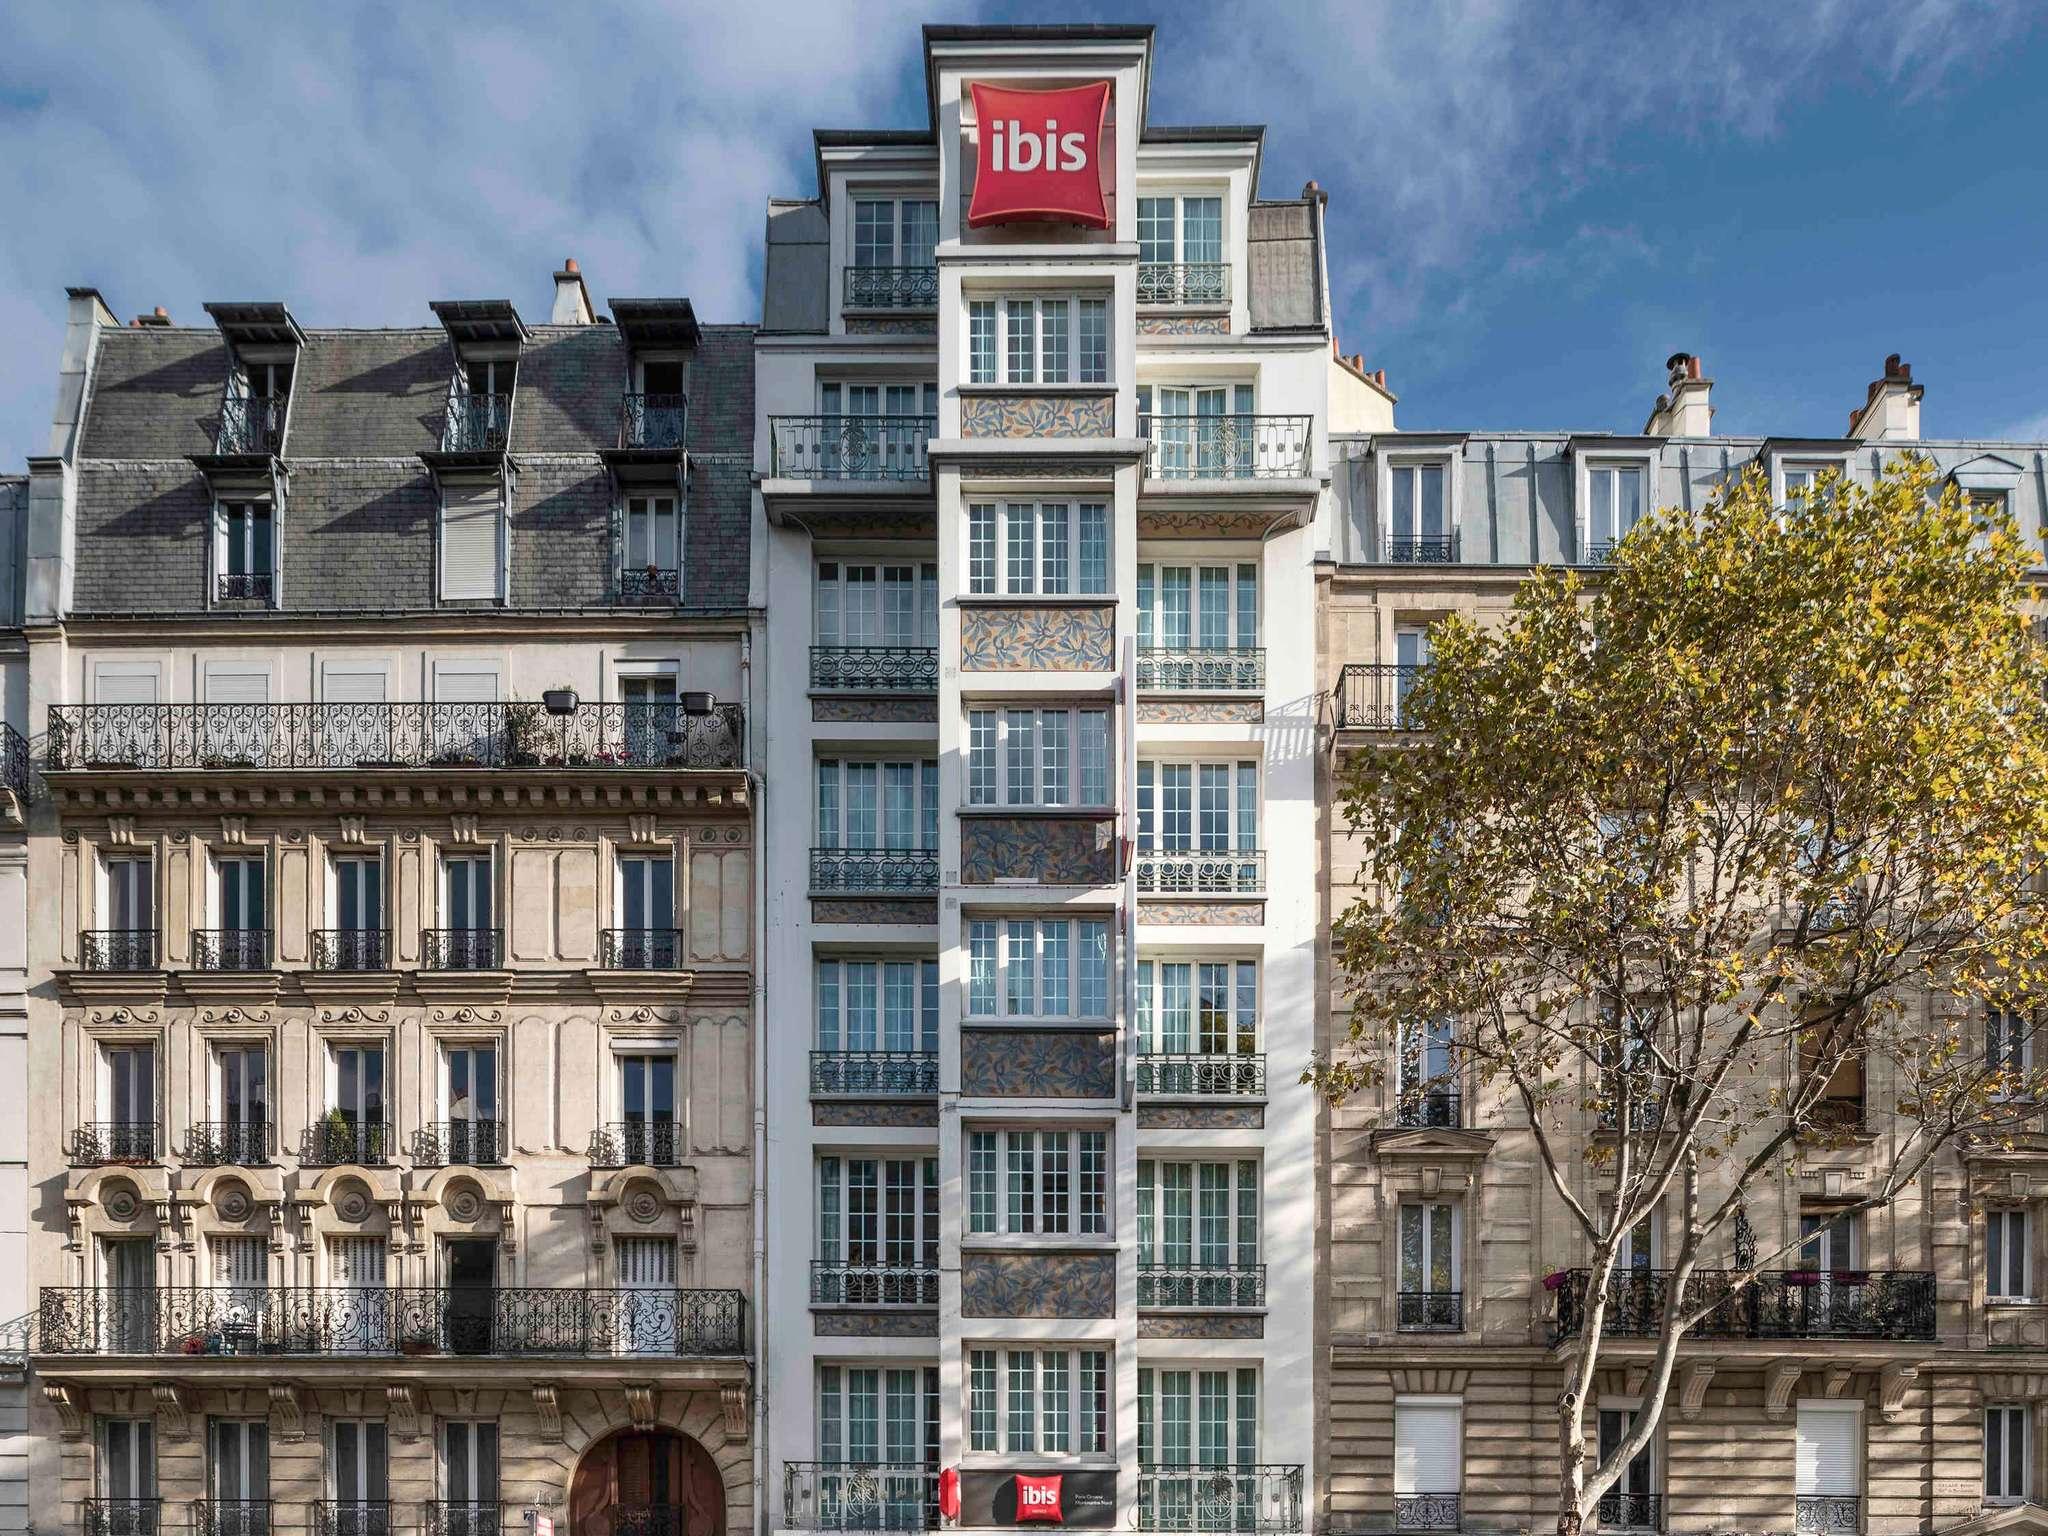 Hotel in PARIS ibis Paris Ornano Montmartre North 18th